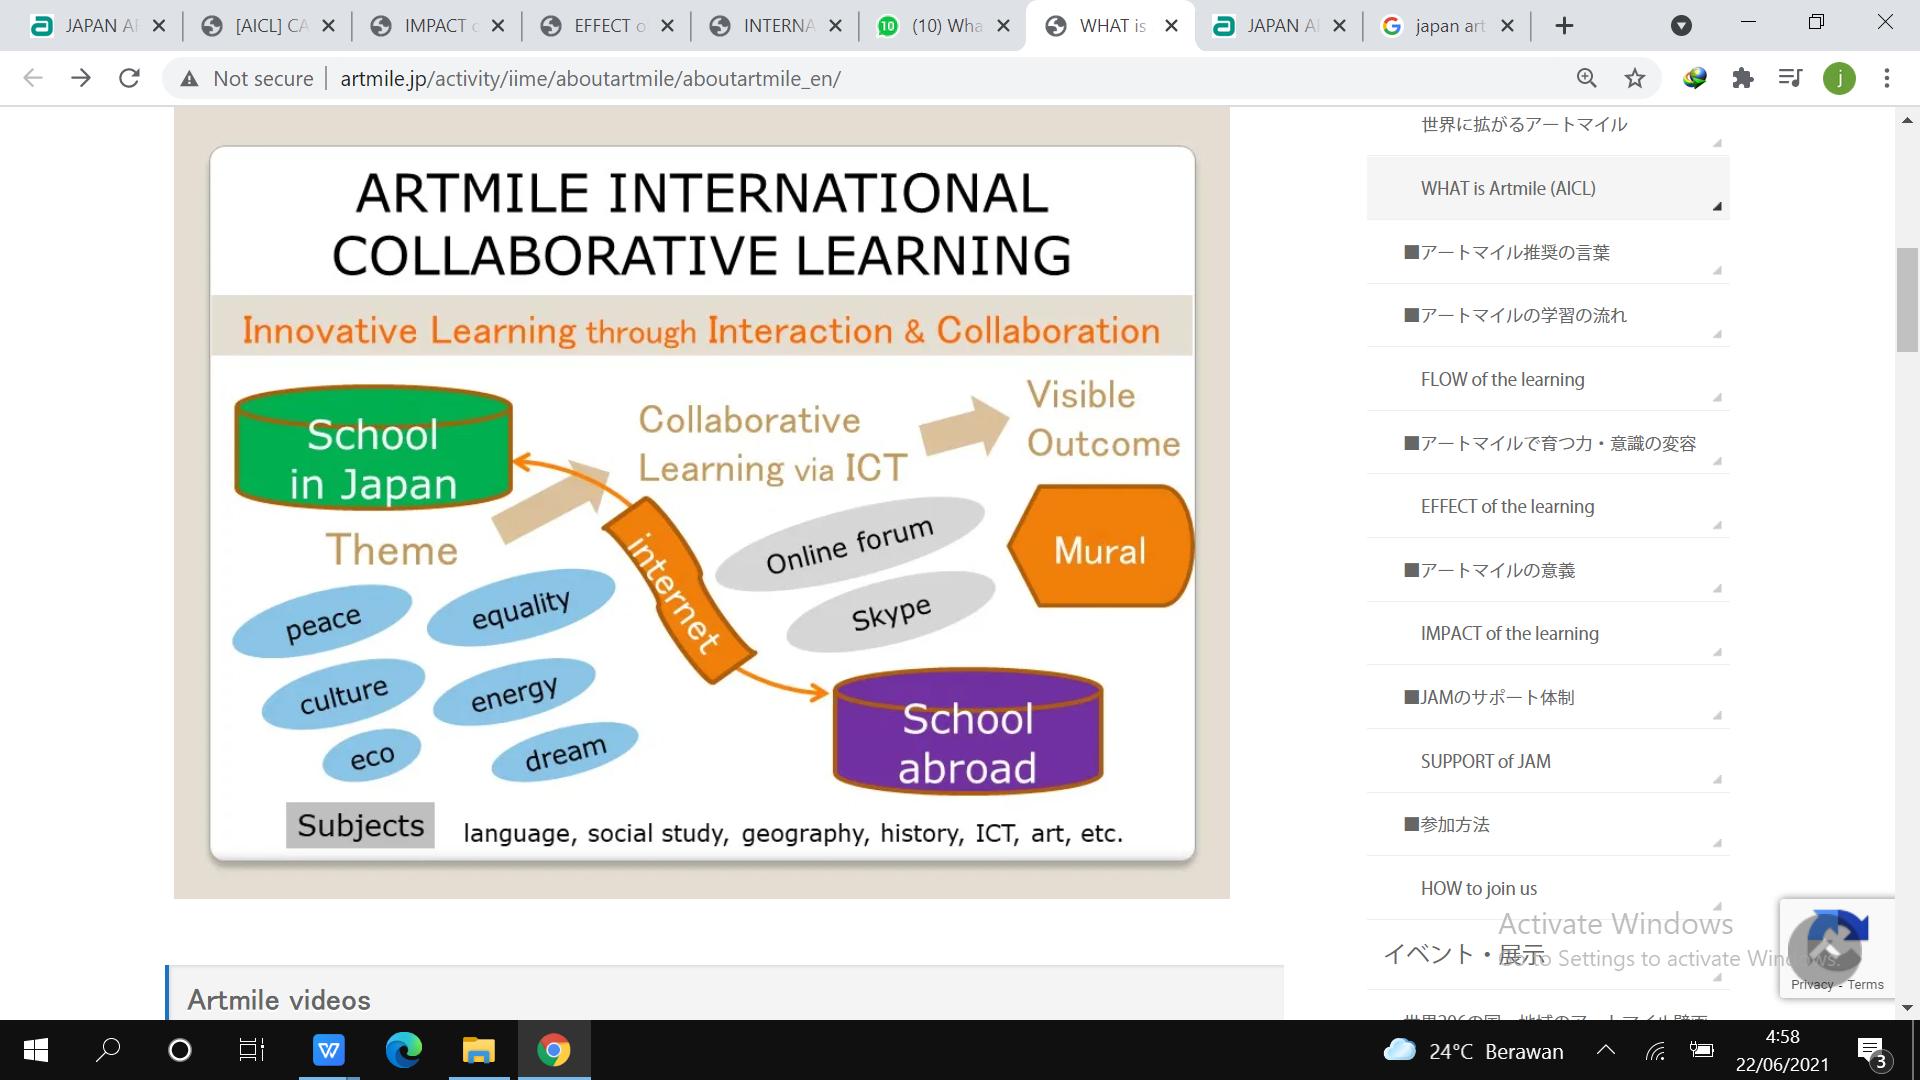 Bagan pembelajaran kolaboratif internasional proyek ART MILE  (sumber: http://artmile.jp/activity/iime/aboutartmile/aboutartmile_en/